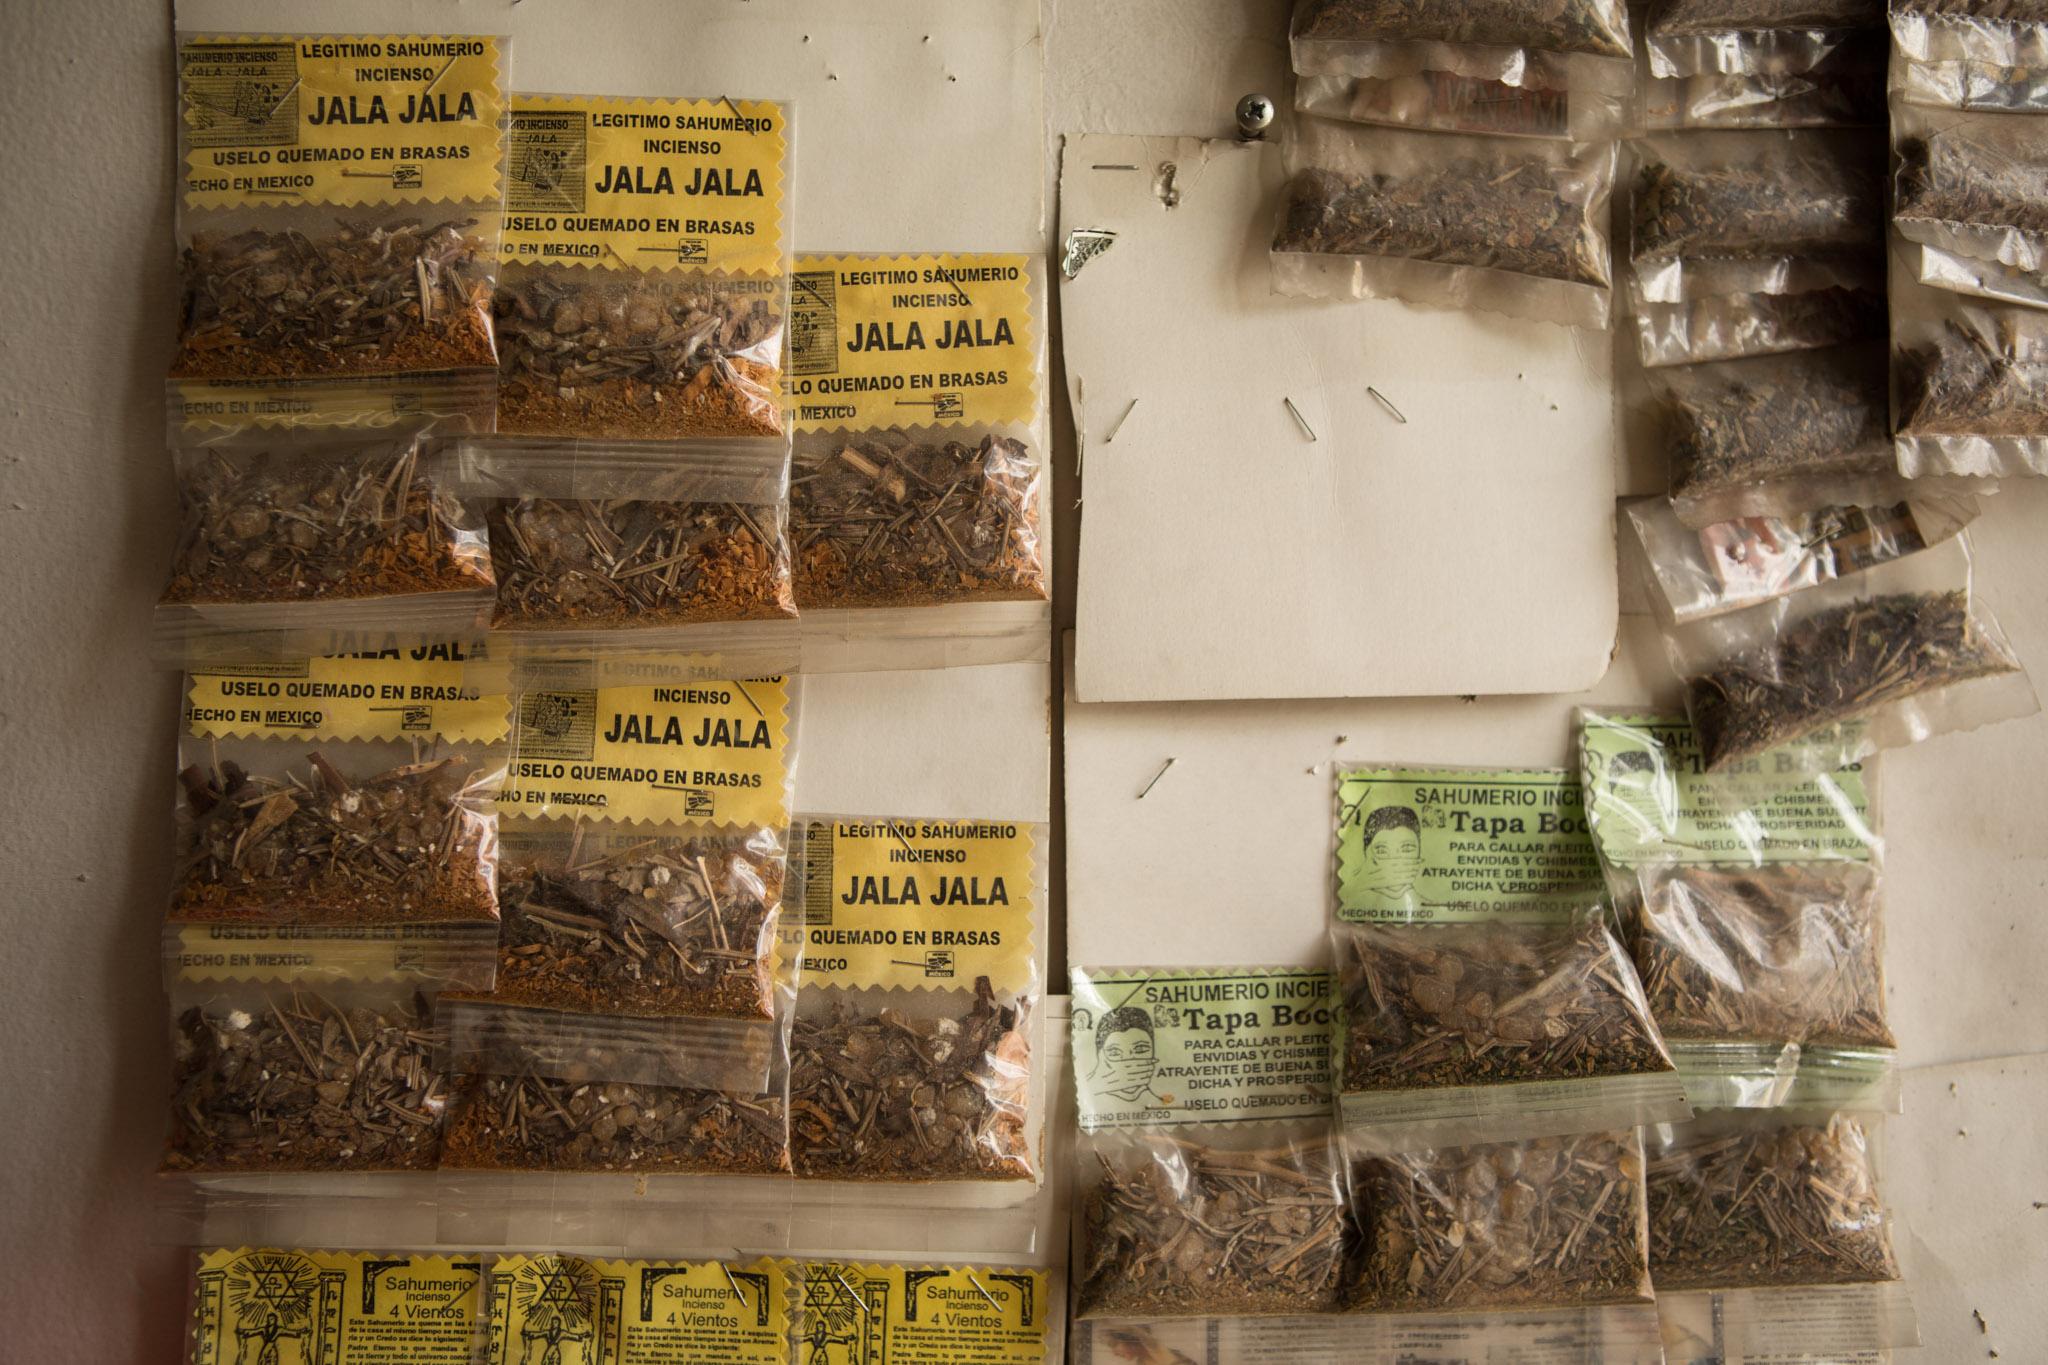 Herbs hang from the walls of Botanica Obadina.